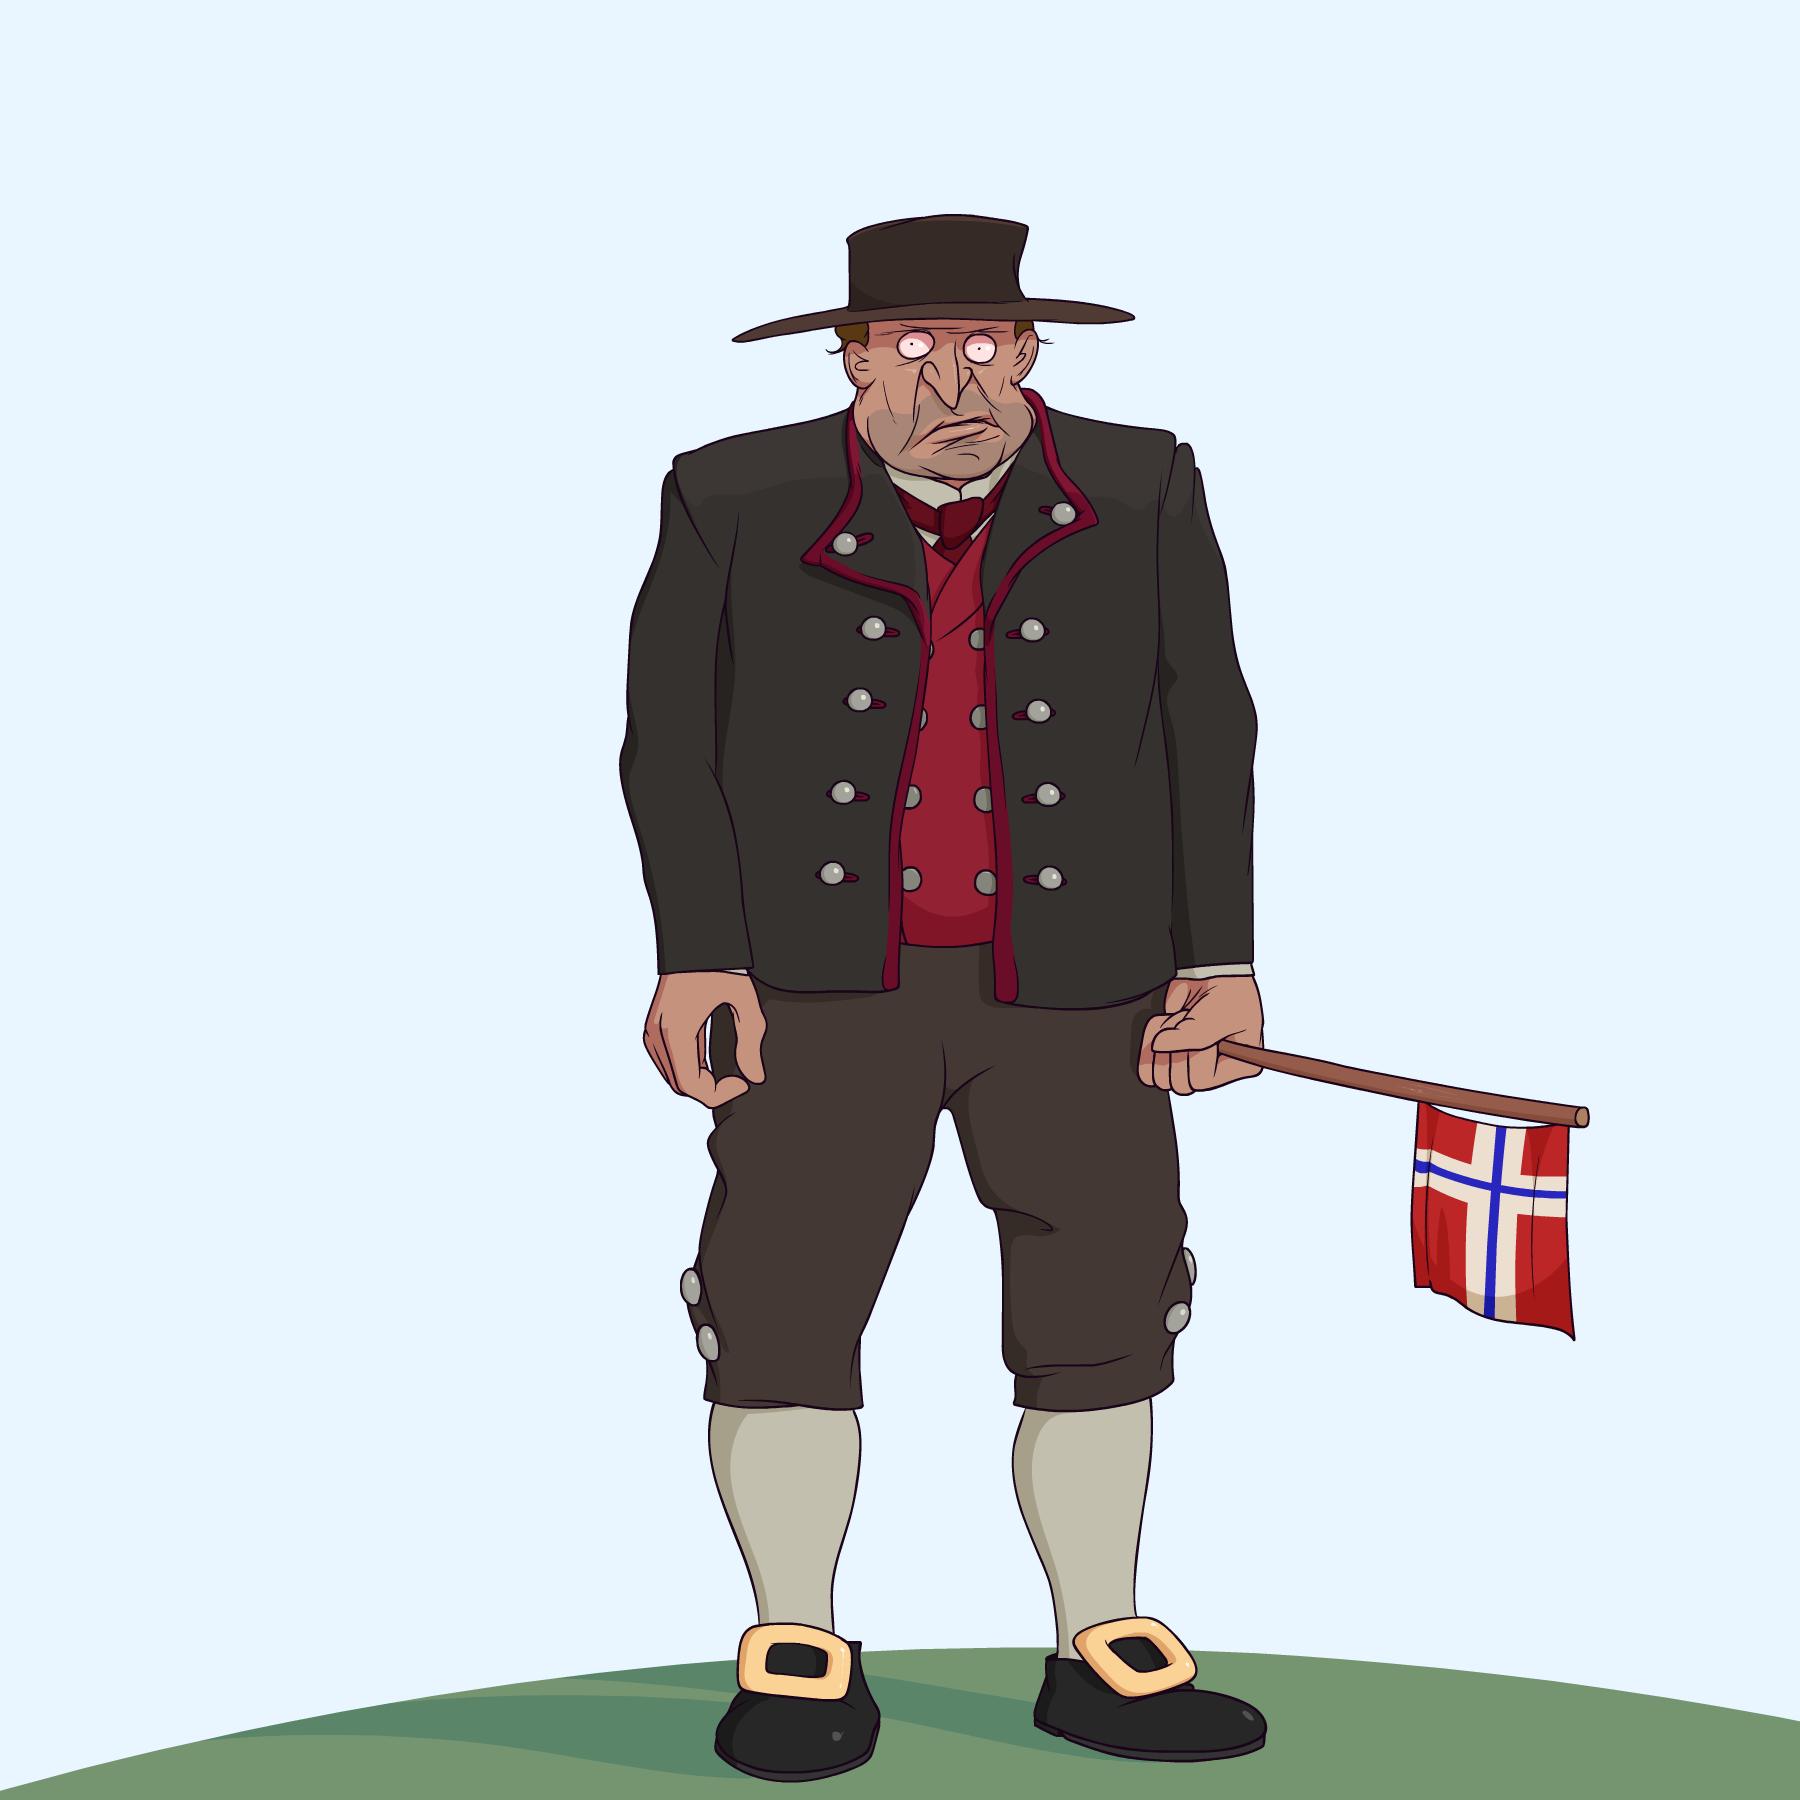 Happy birthday Norway!